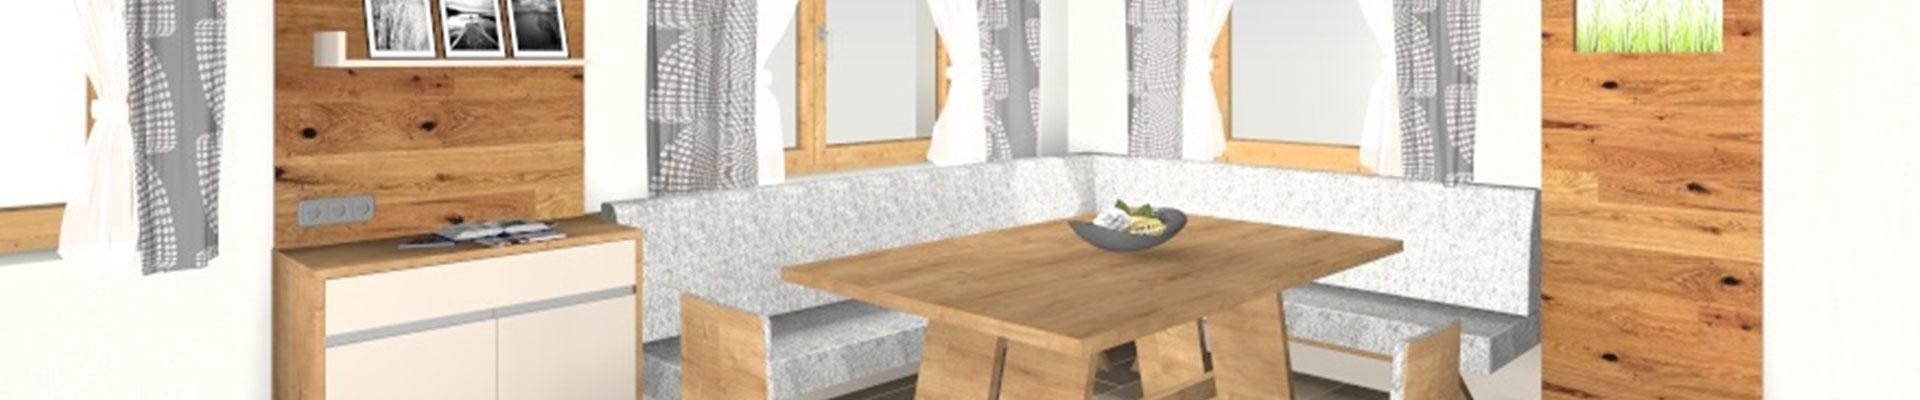 3d Rendering einer Wohnküche